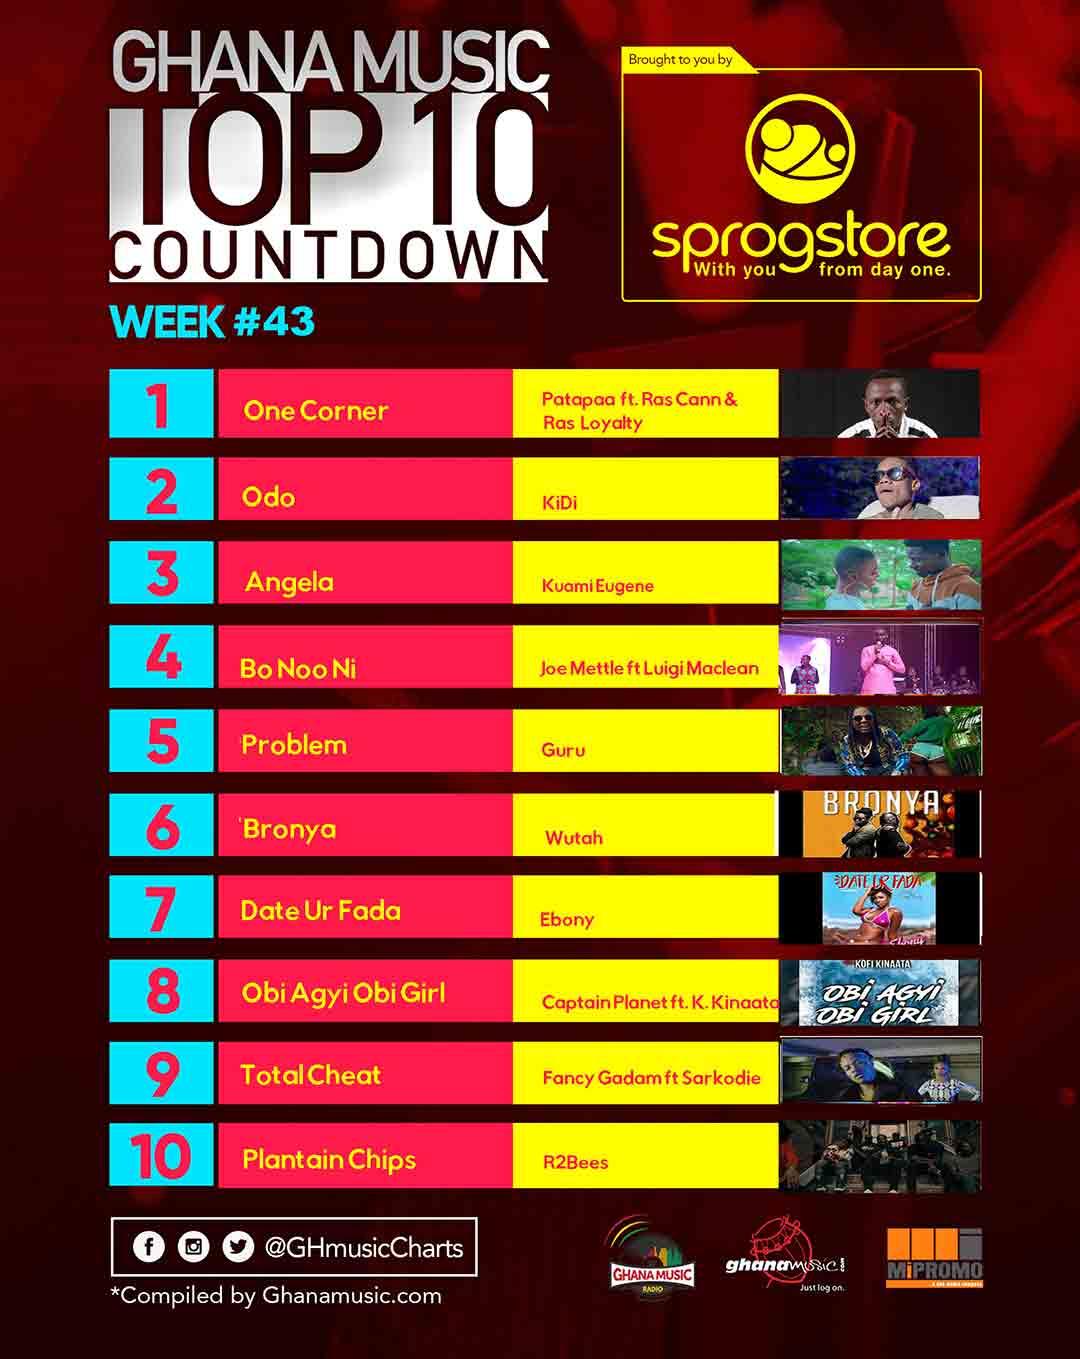 Week #43: Week ending Saturday, October 28th, 2017. Ghana Music Top 10 Countdown.